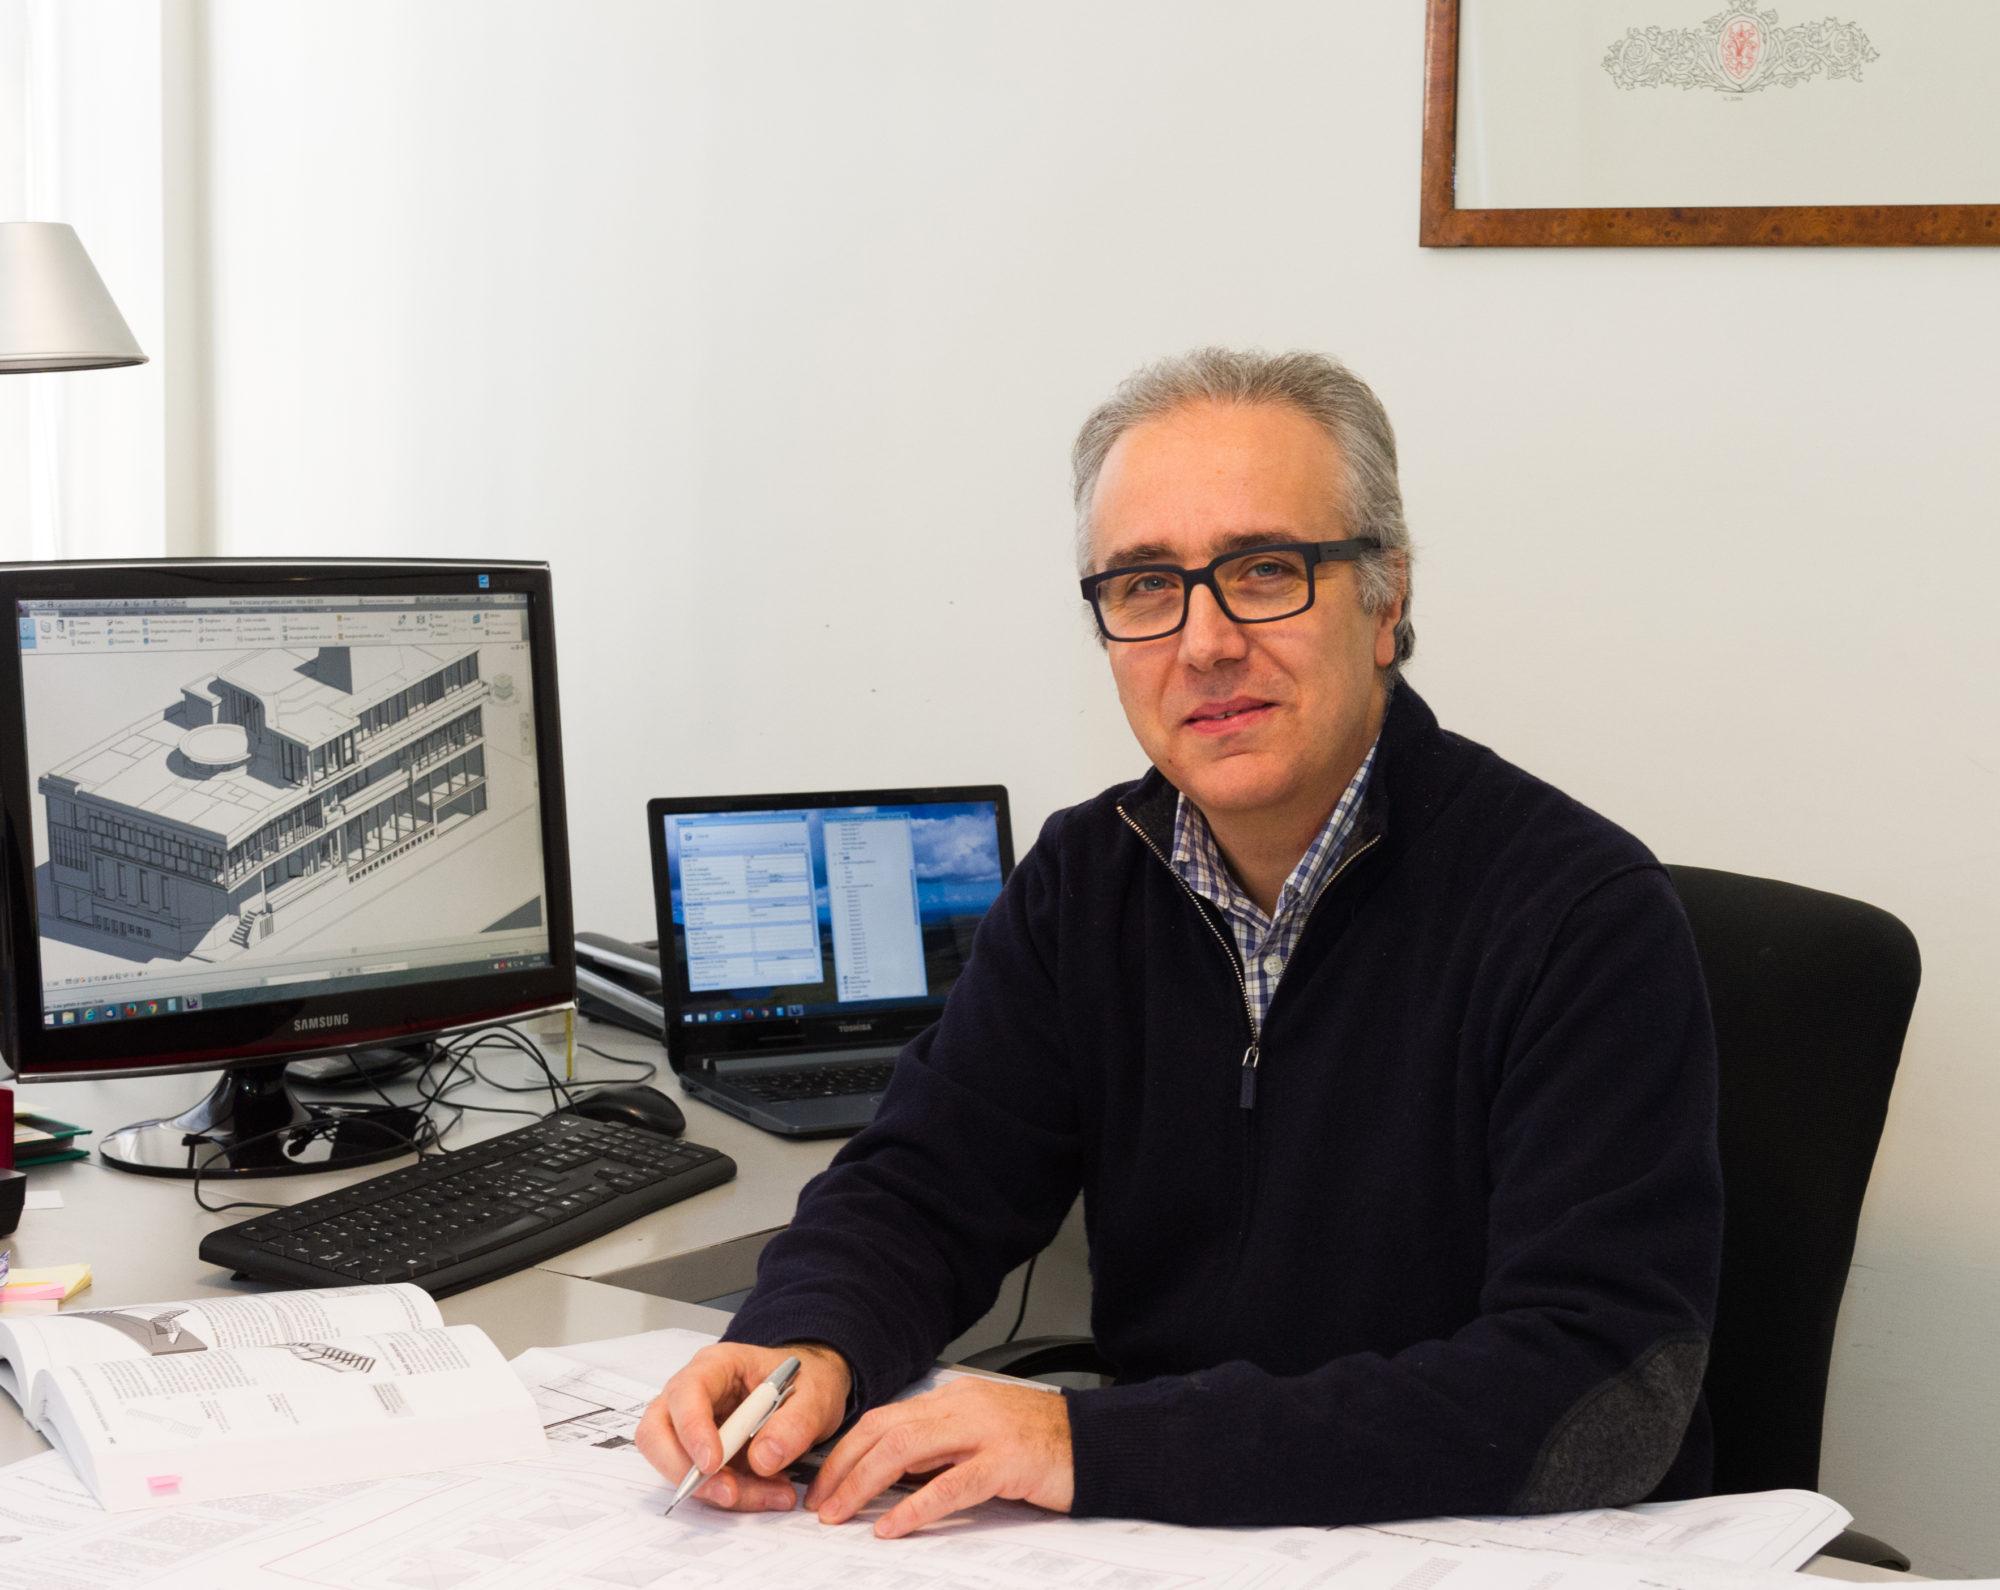 Carlo Biagini, Università di Firenze: il BIM promuove l'integrazione delle conoscenze